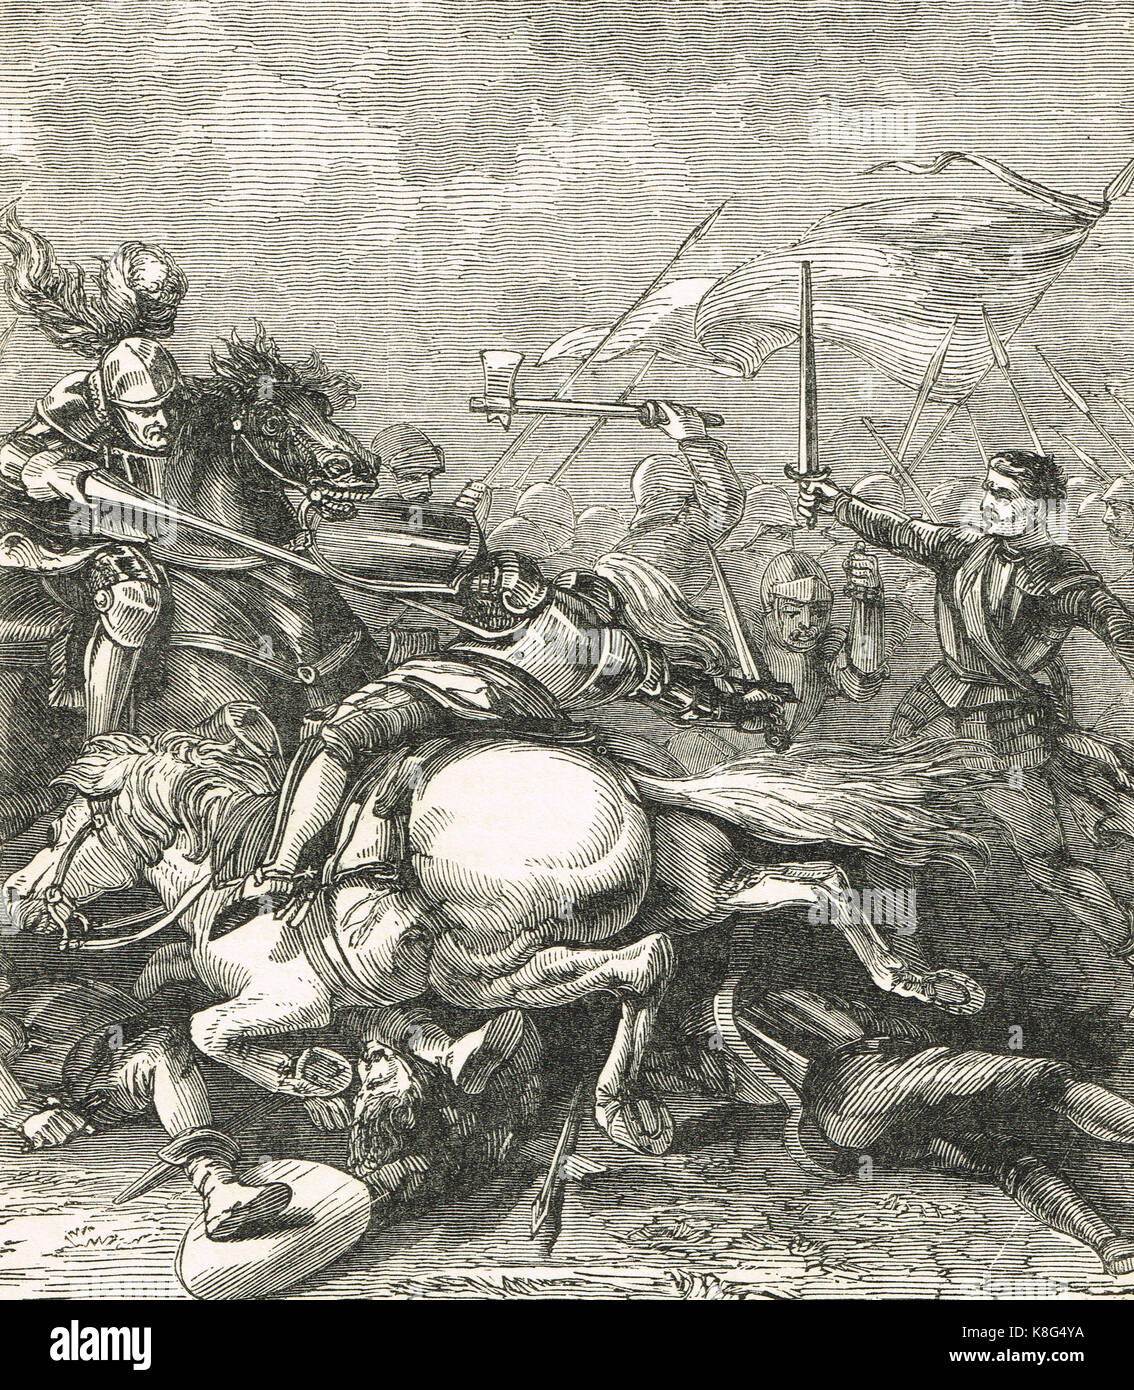 The Battle of Flodden, 9 September 1513 - Stock Image